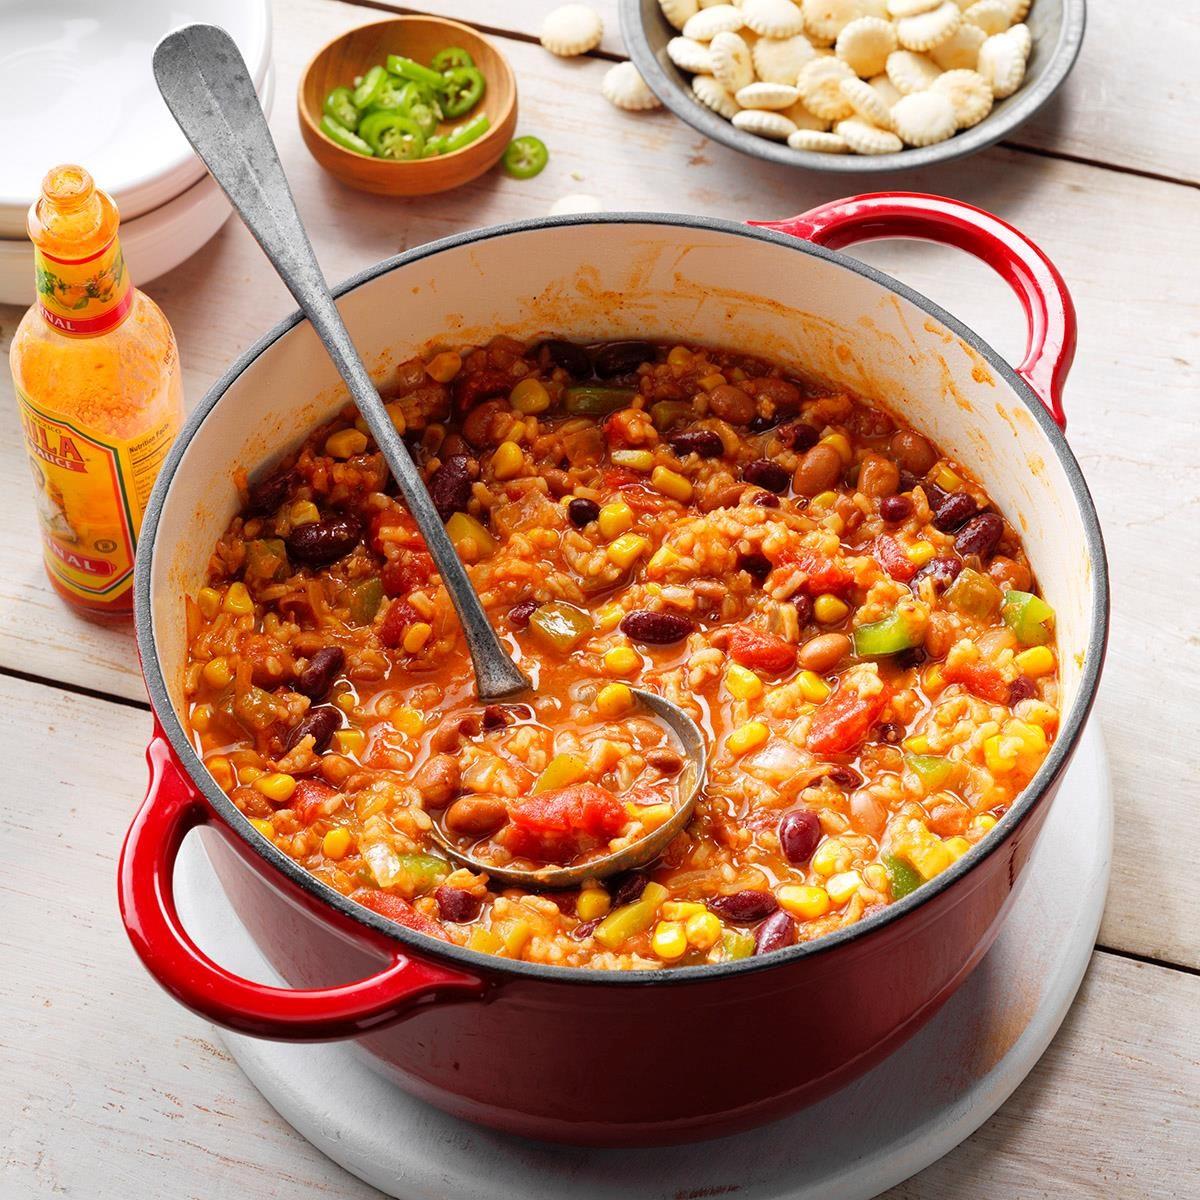 Chunky Vegetarian Chili Recipe